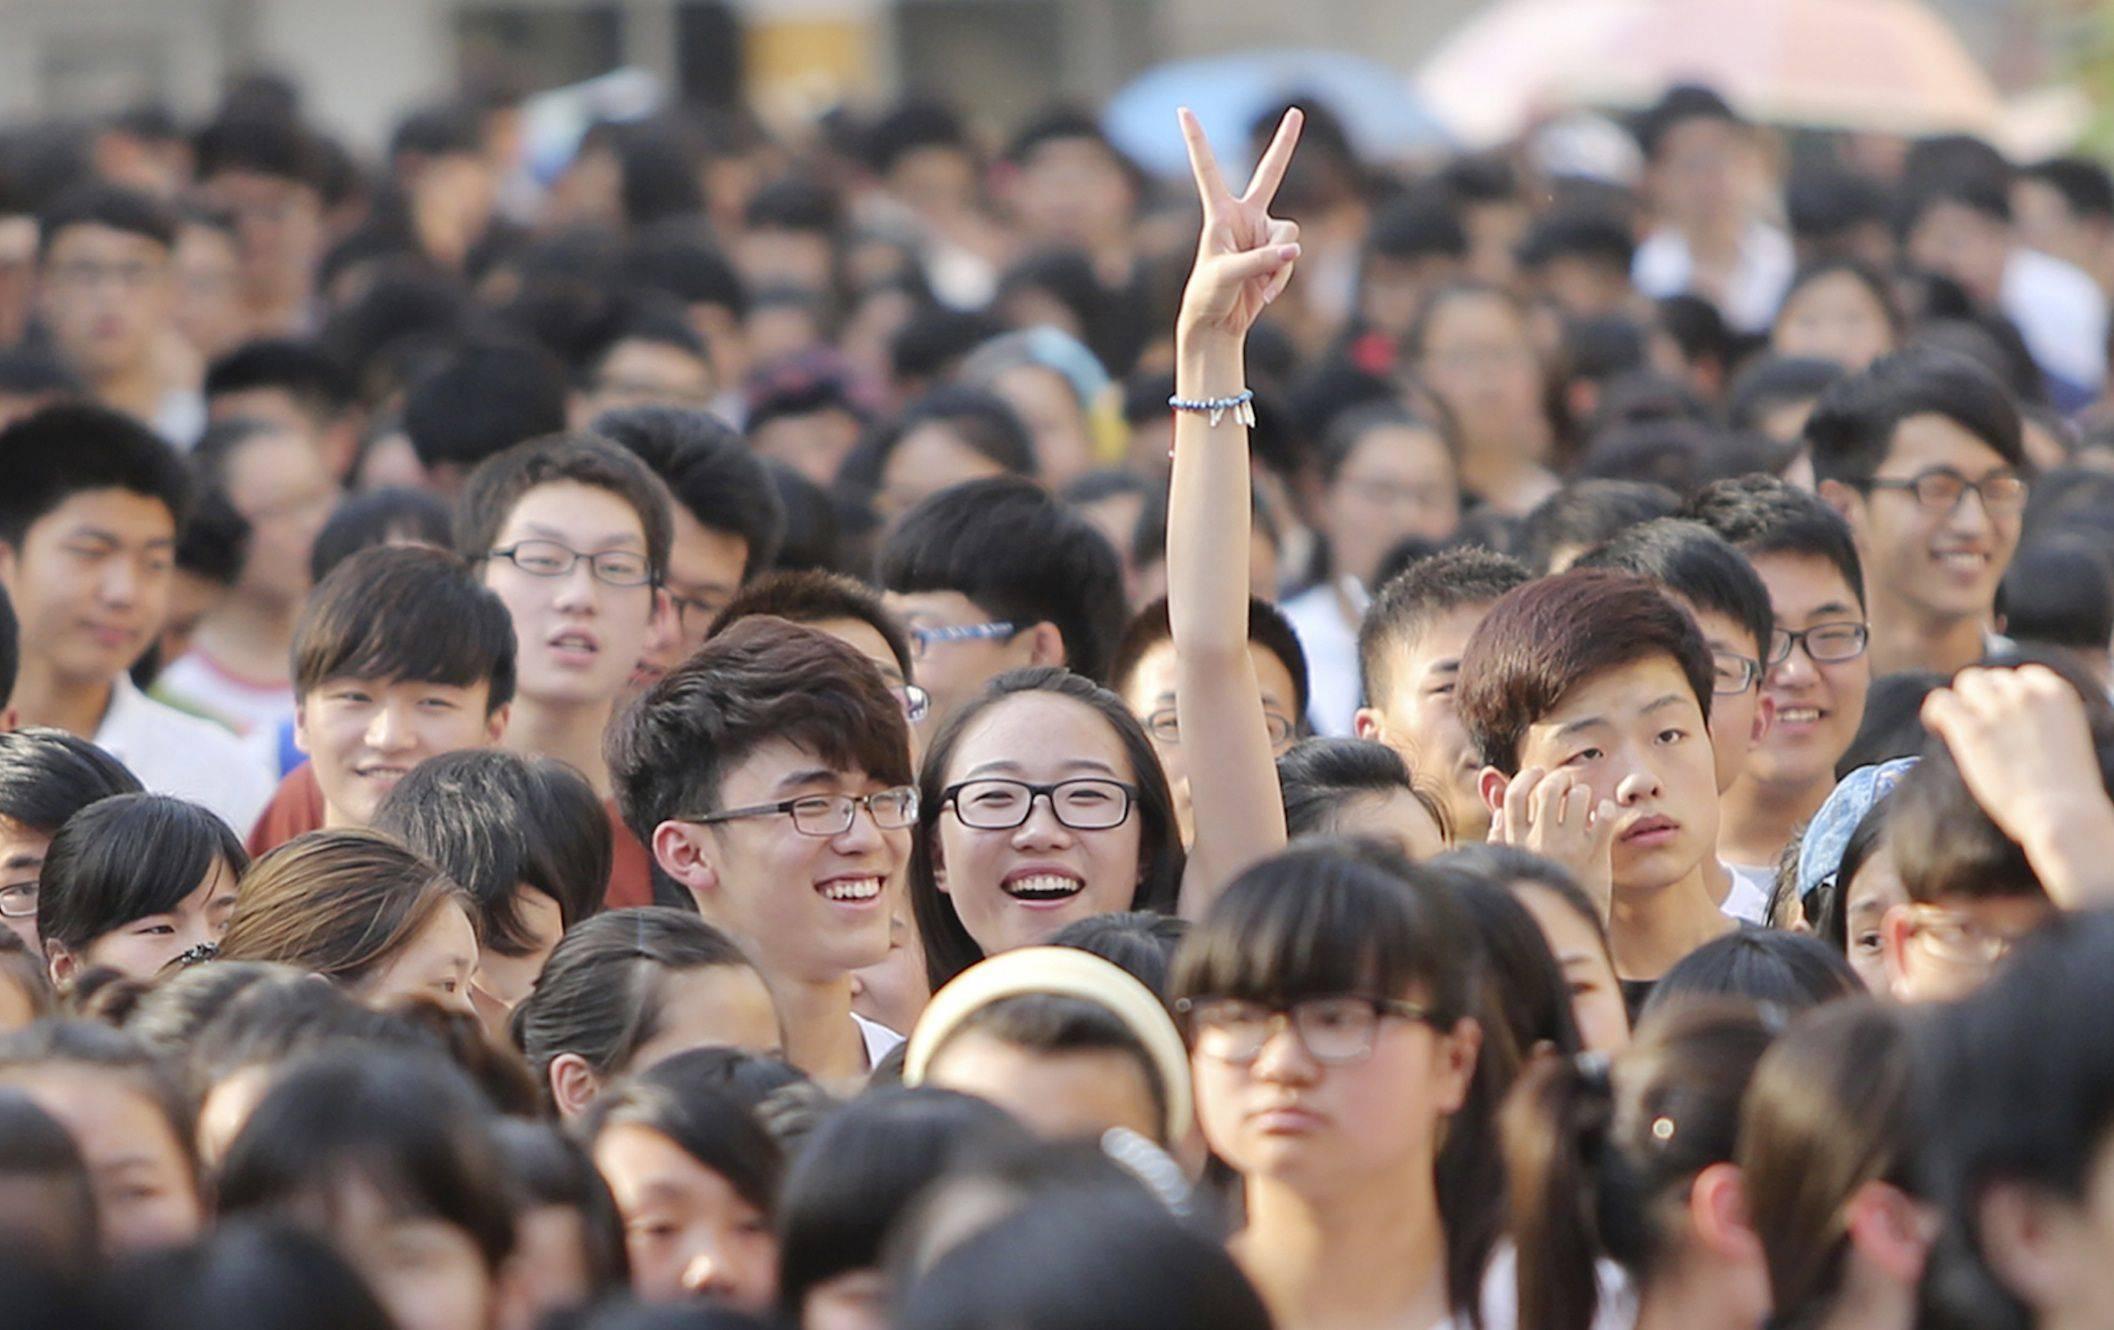 Жизнь в китае: плюсы и минусы для эмигрантов